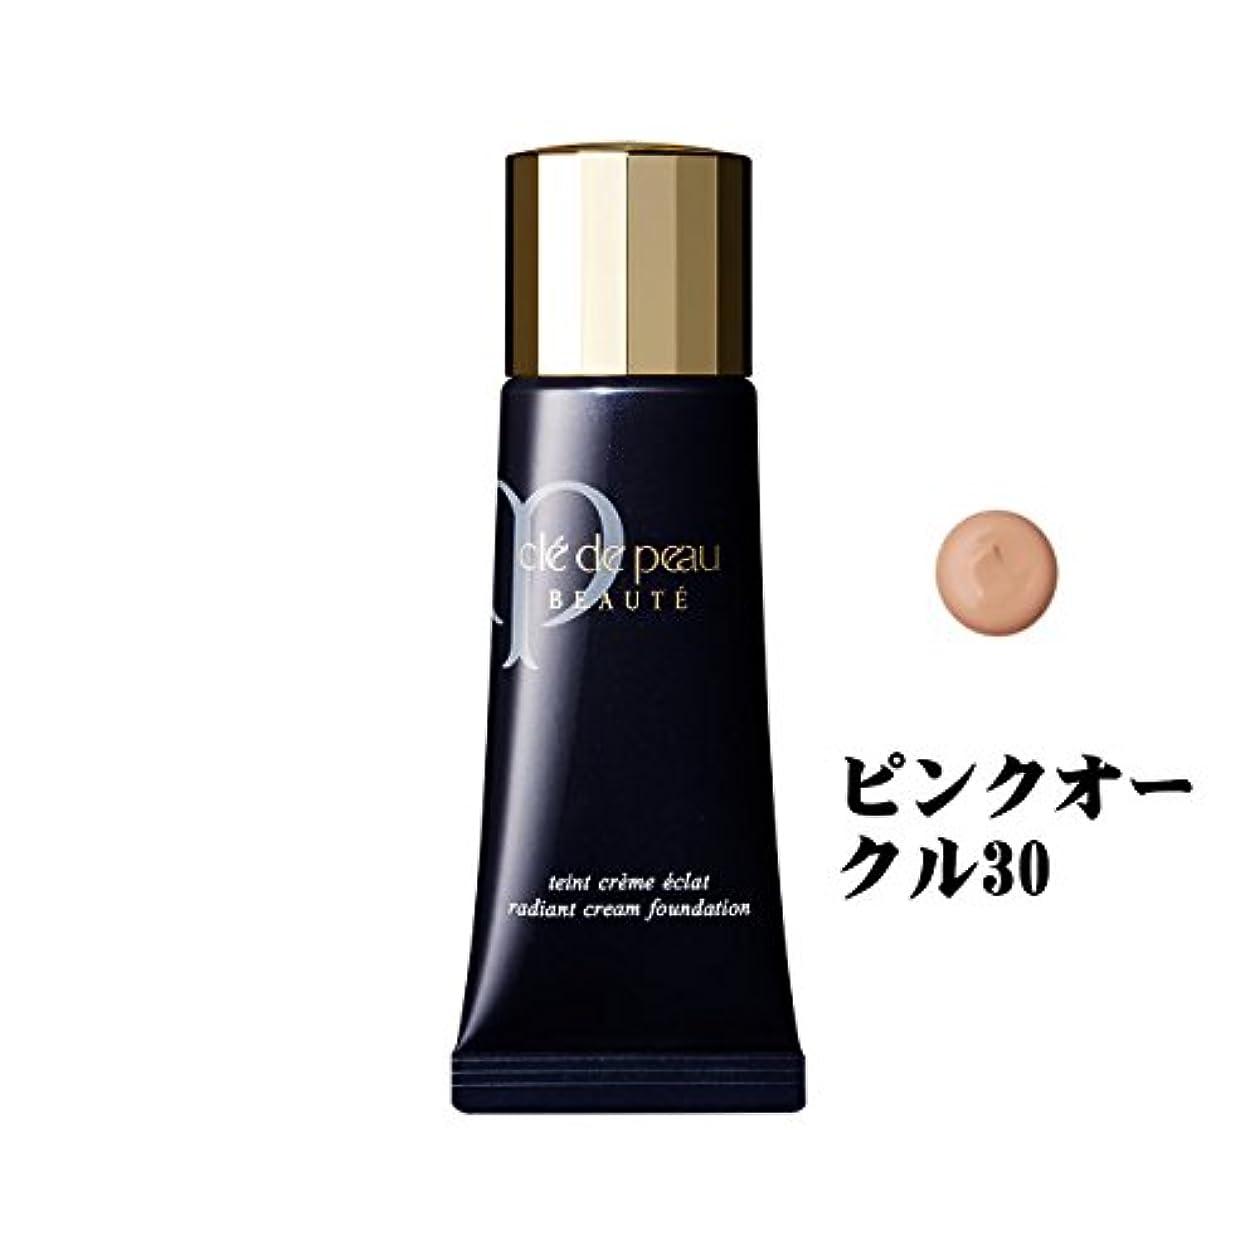 調停者付与重力資生堂/shiseido クレドポーボーテ/CPB タンクレームエクラ クリームタイプ SPF25?PA++ ピンクオークル30